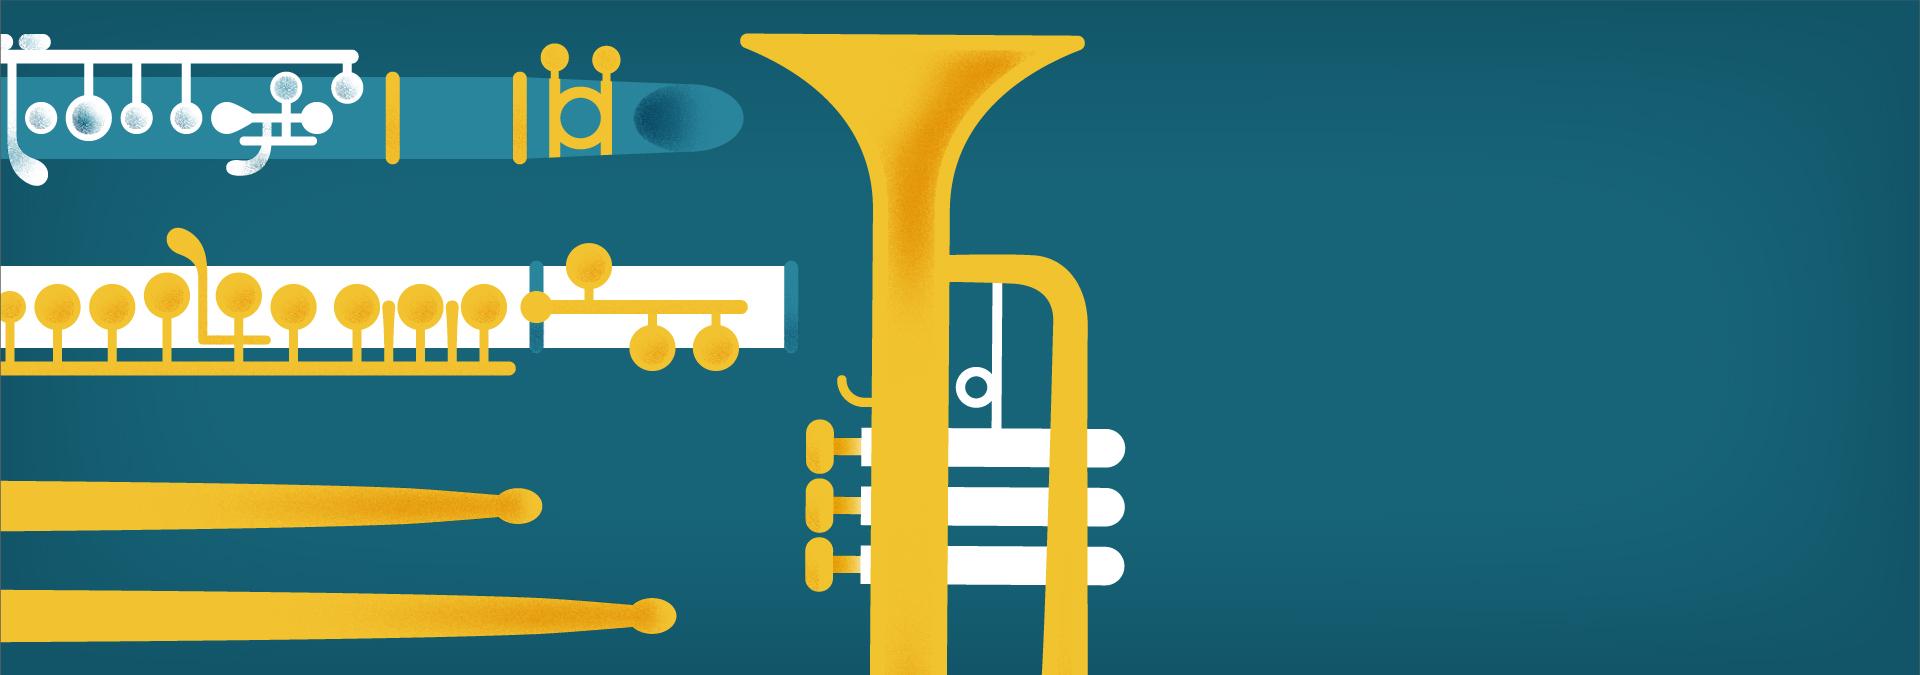 Concert Band Festival & Contest Hero Slider